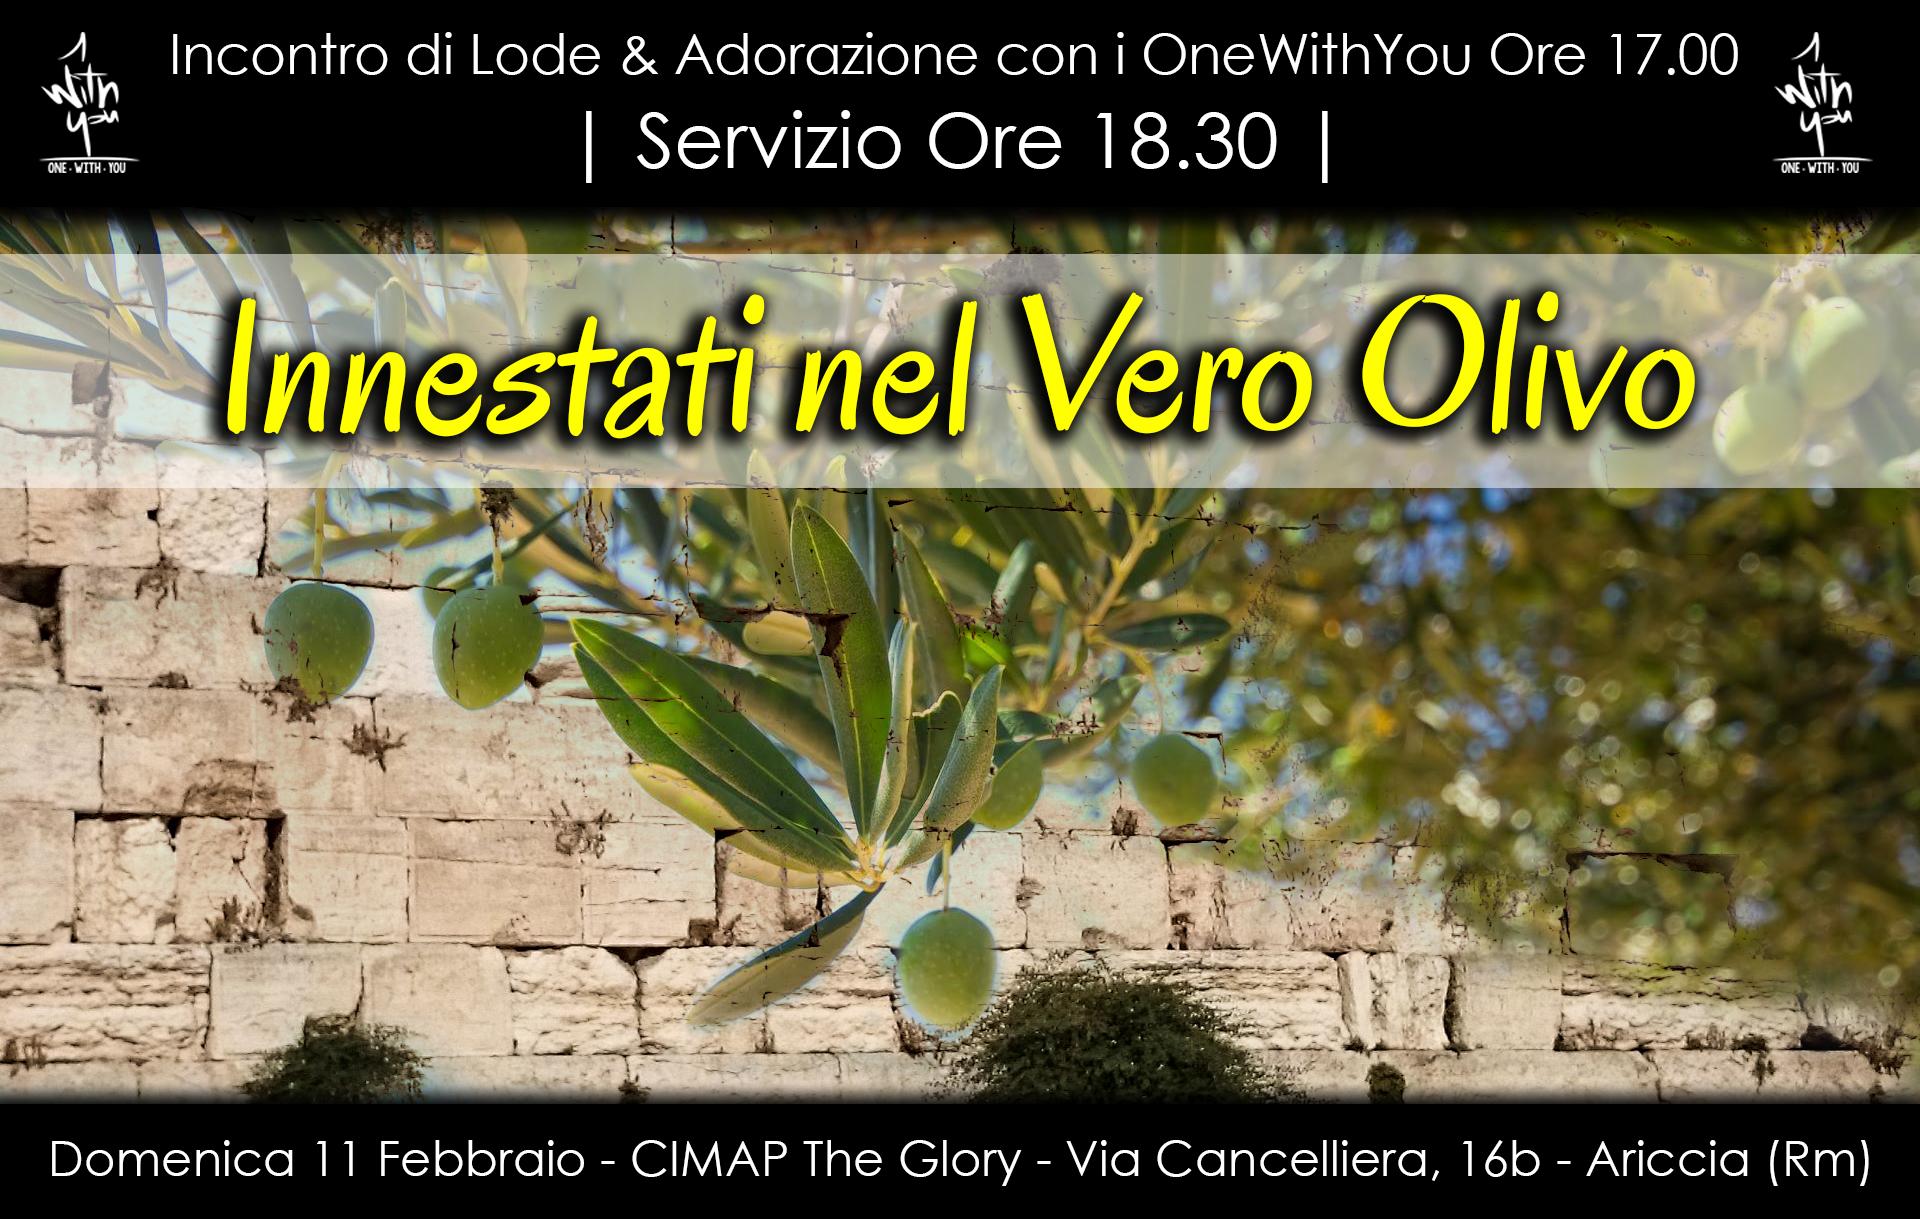 Innestati nel vero olivo